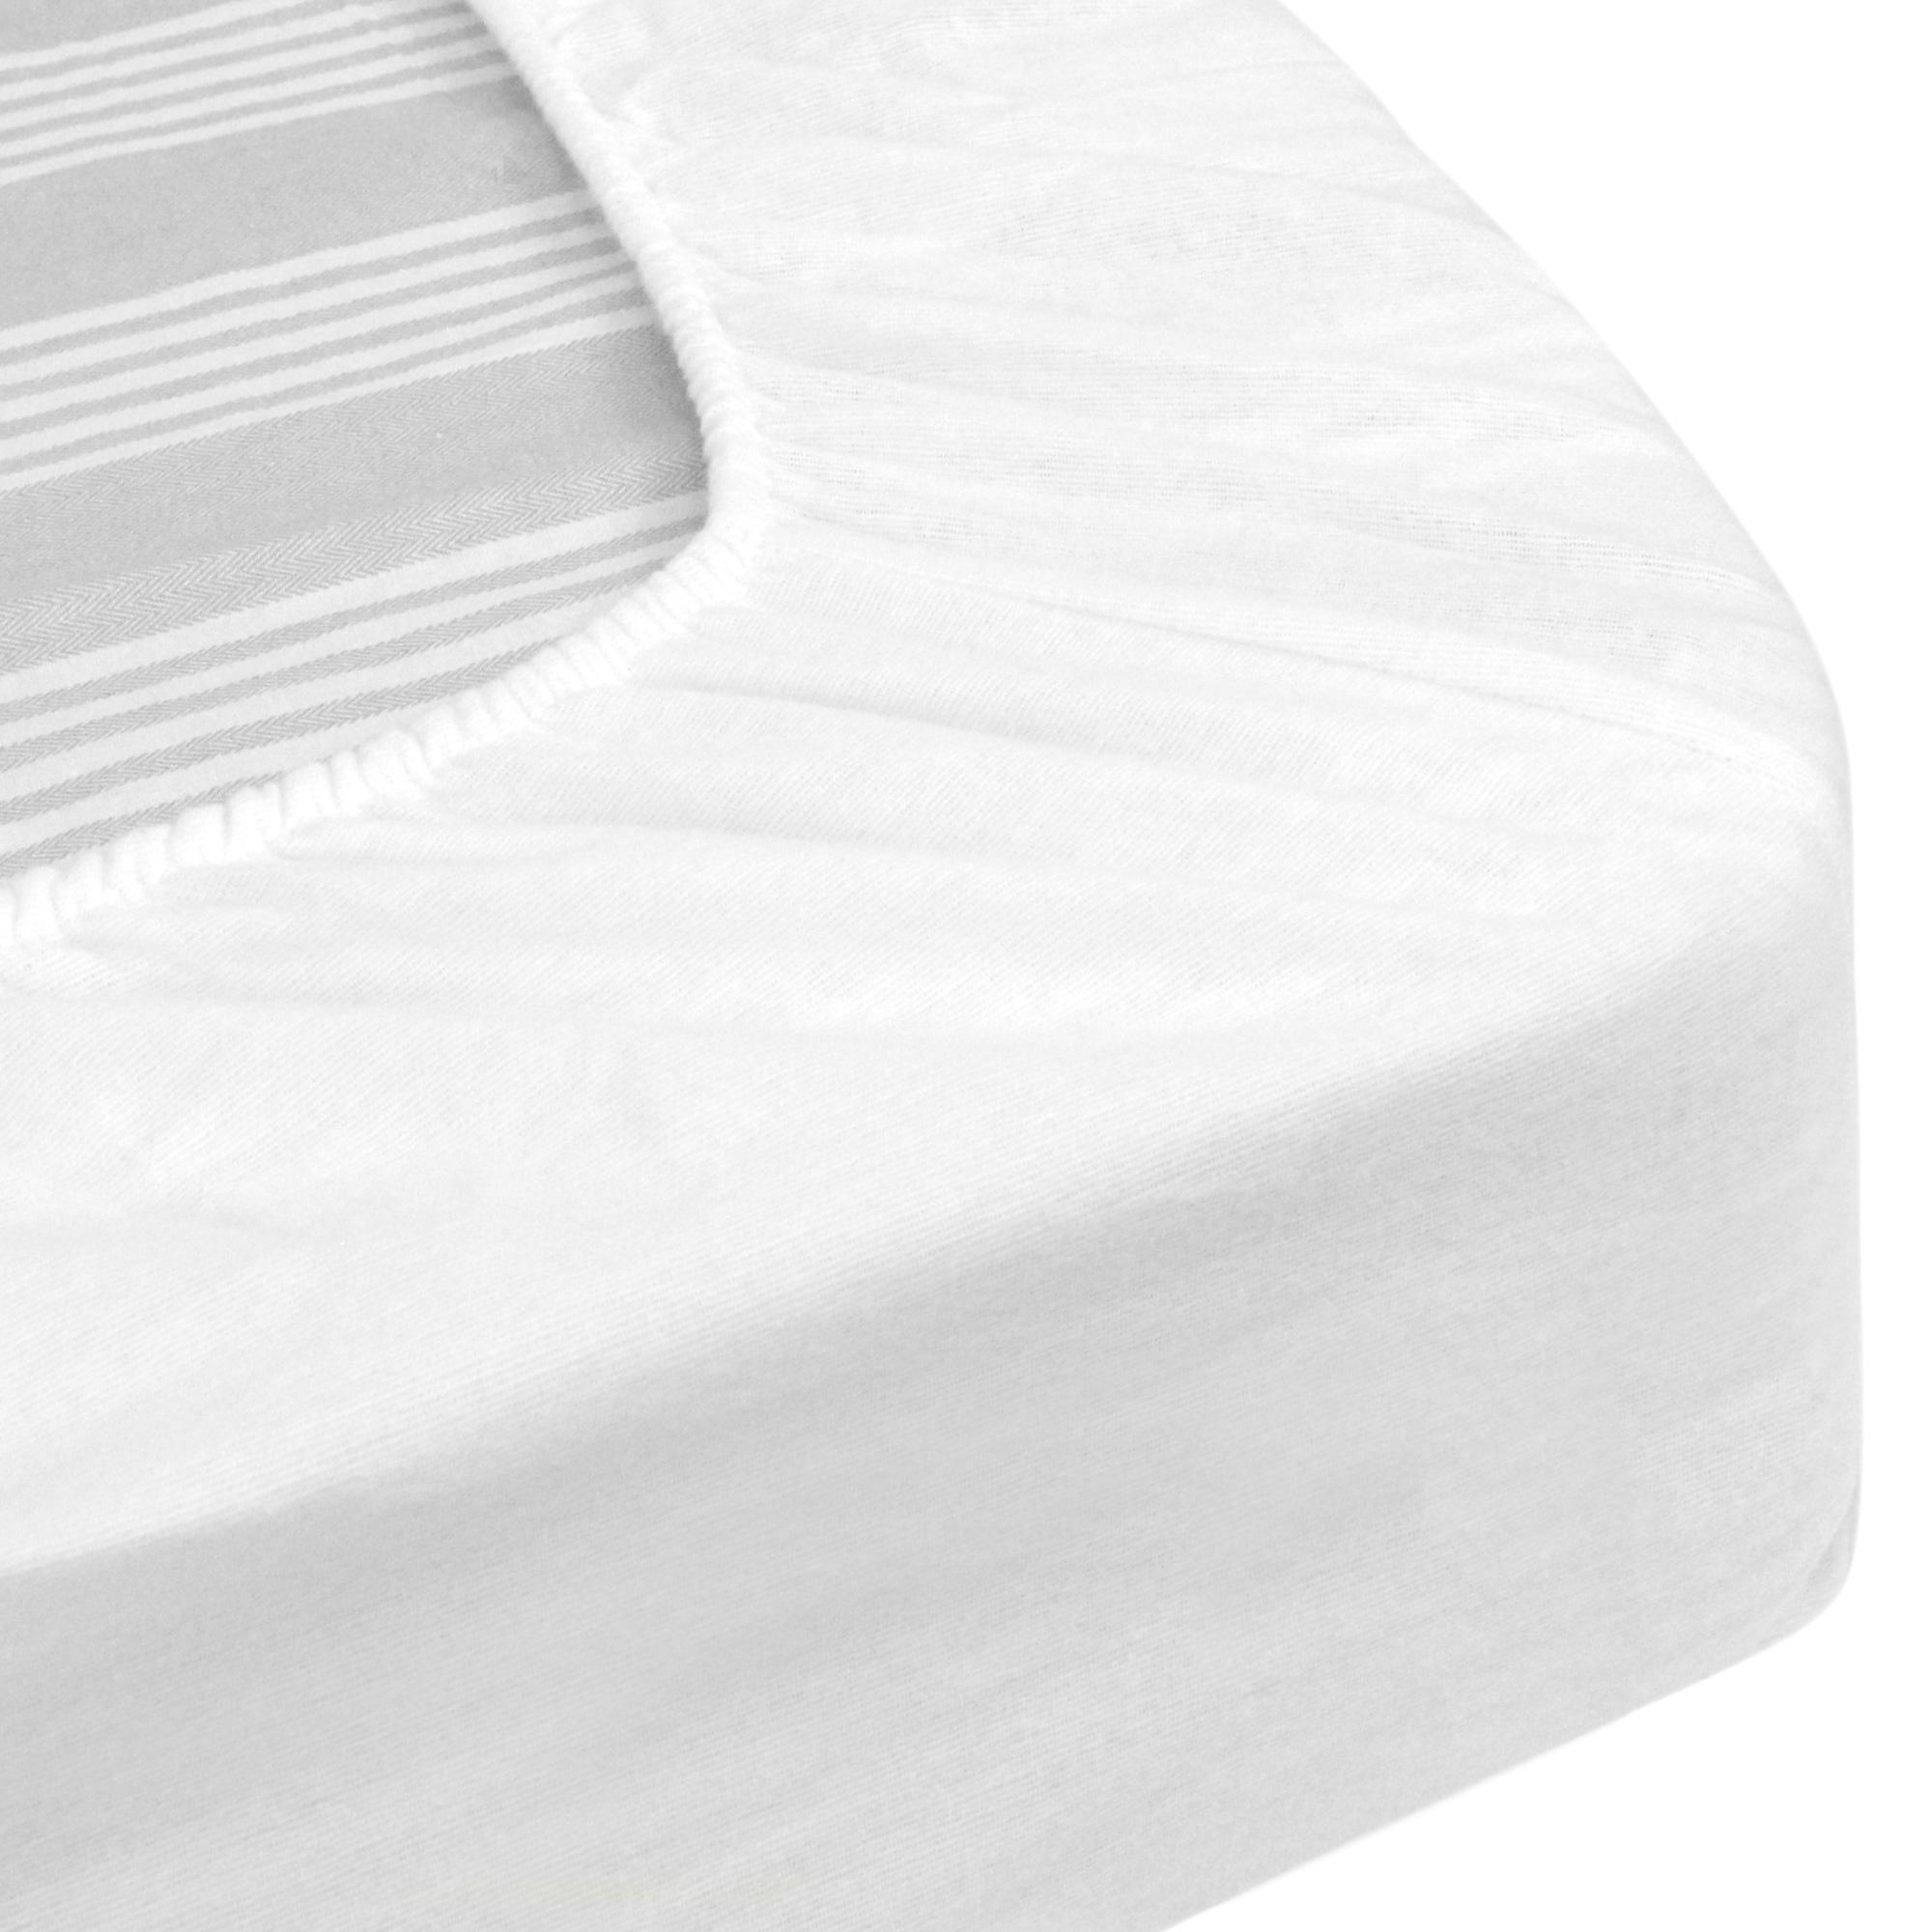 prot ge matelas imperm able 80x190 cm bonnet 30cm arnon molleton 100 coton contrecoll. Black Bedroom Furniture Sets. Home Design Ideas